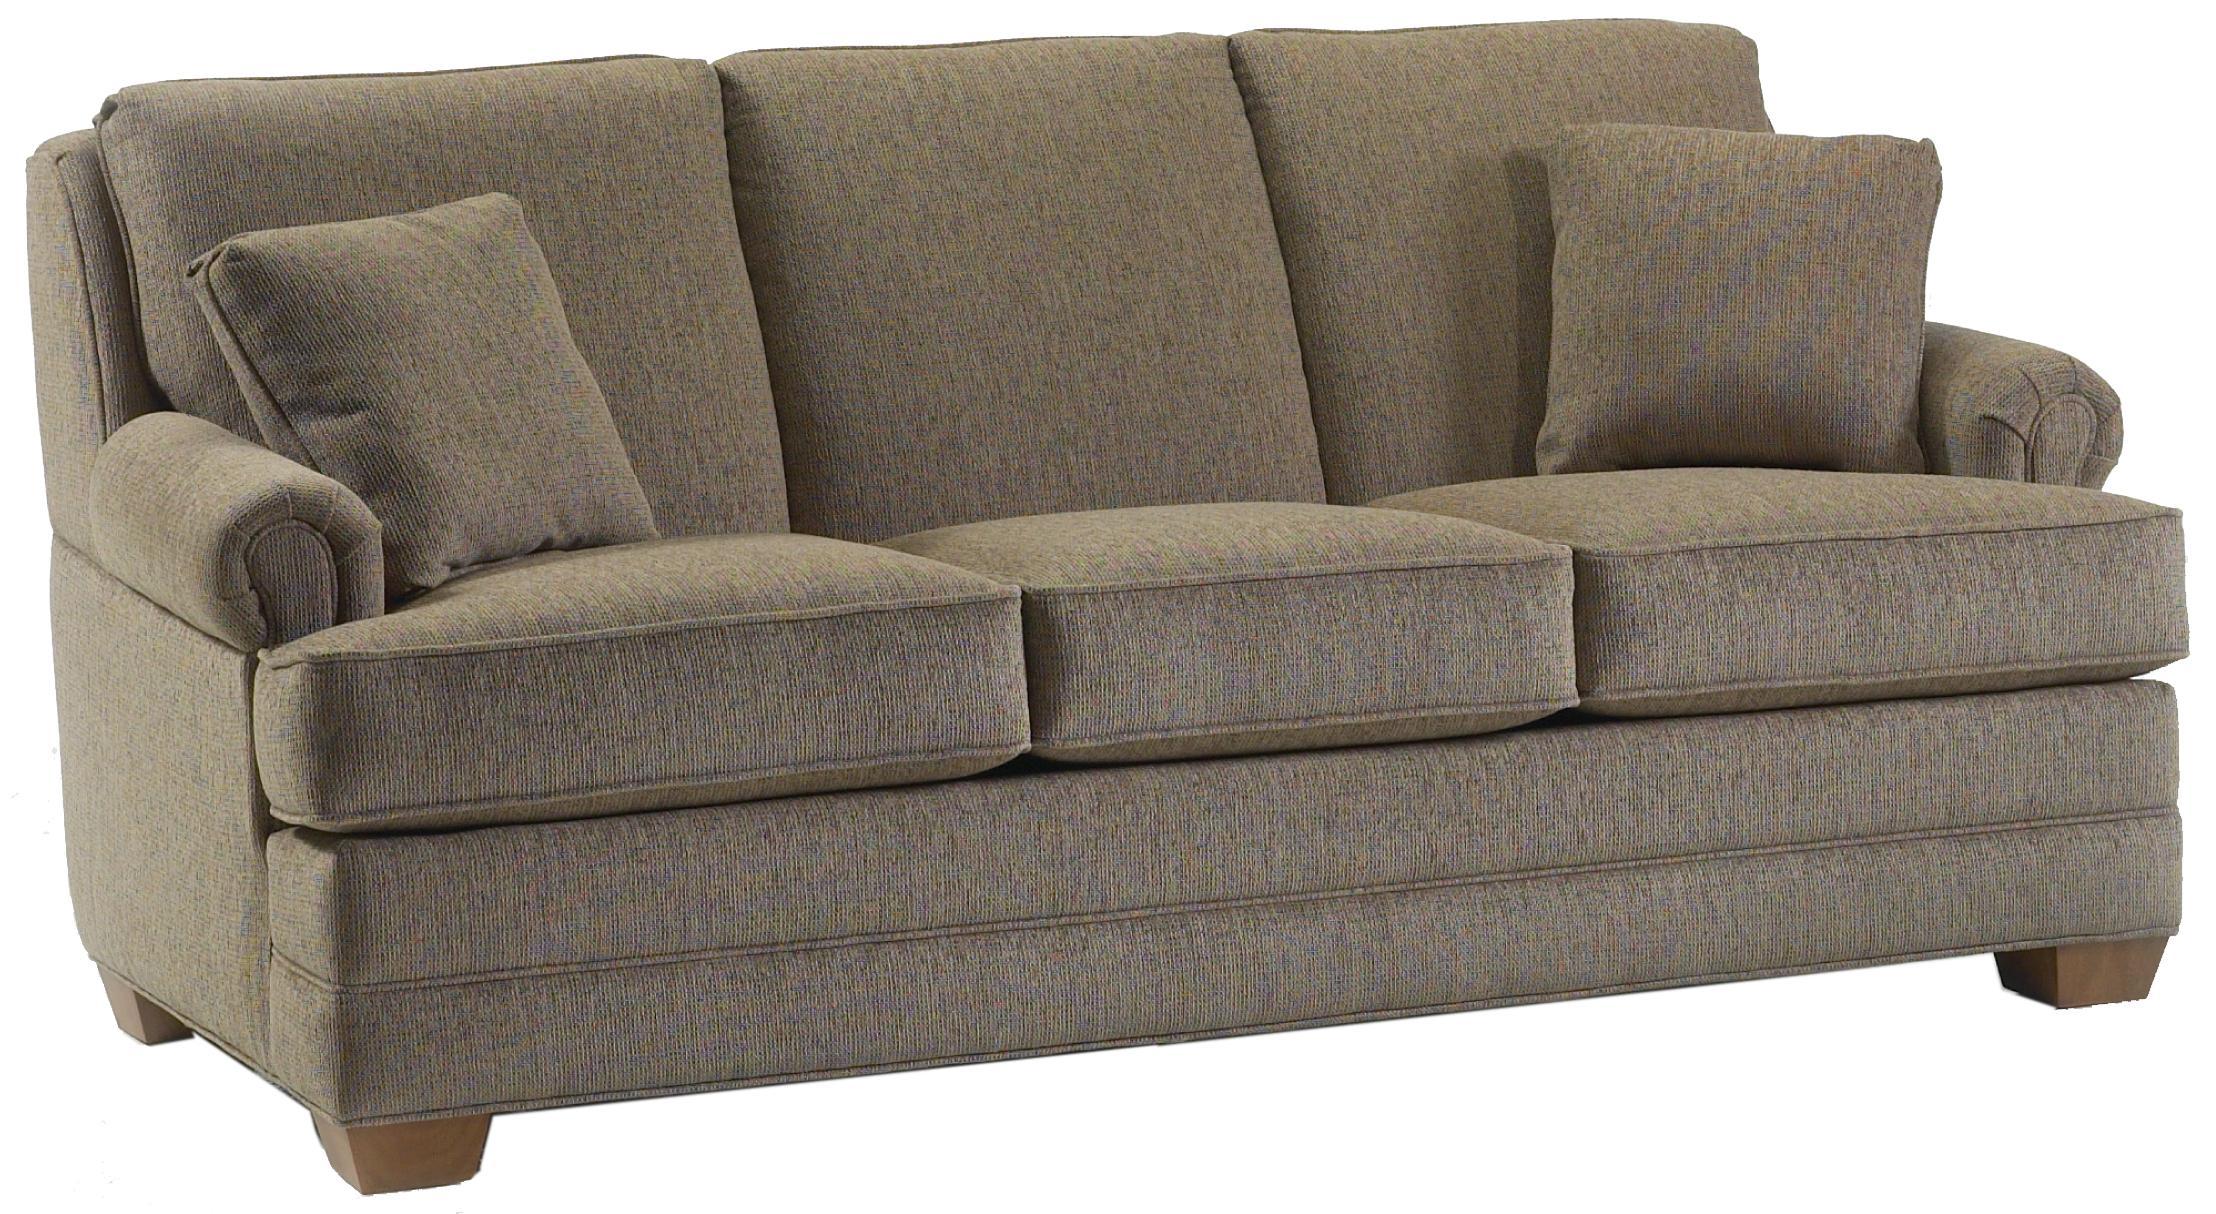 696 Sofa by Lancer at Wayside Furniture